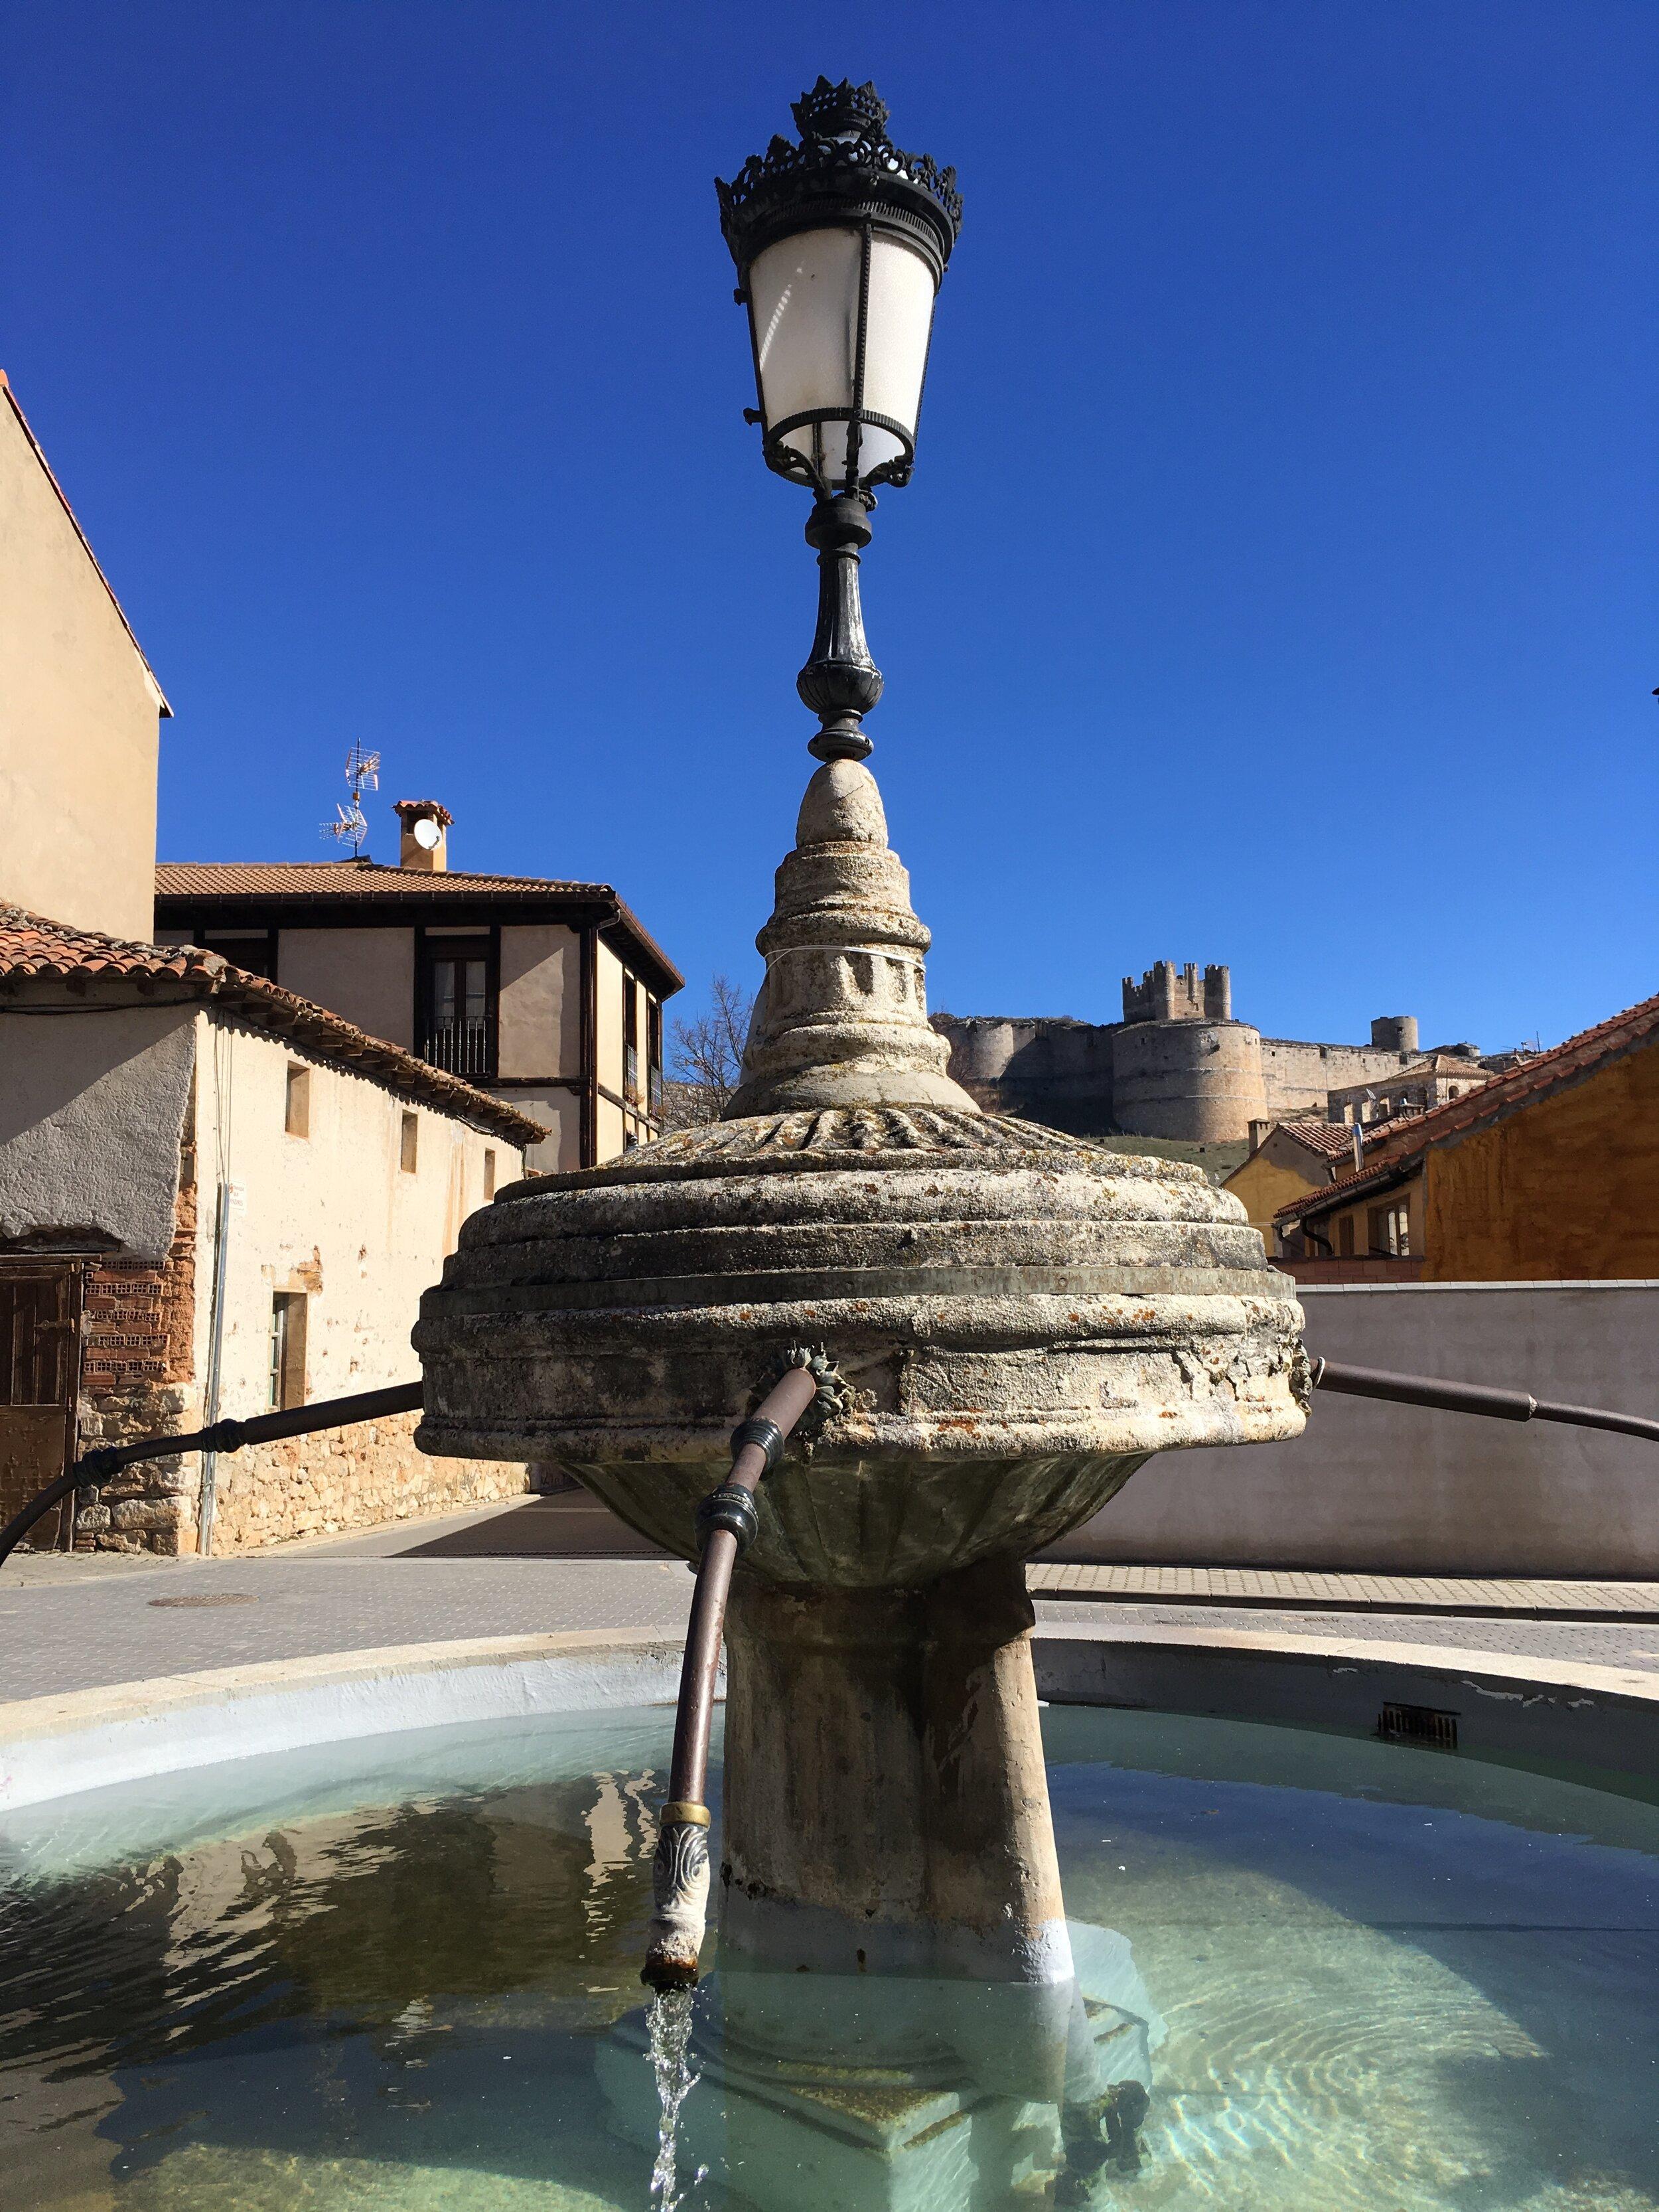 A gentle fountain in the church plaza of Berlanga de Duero.